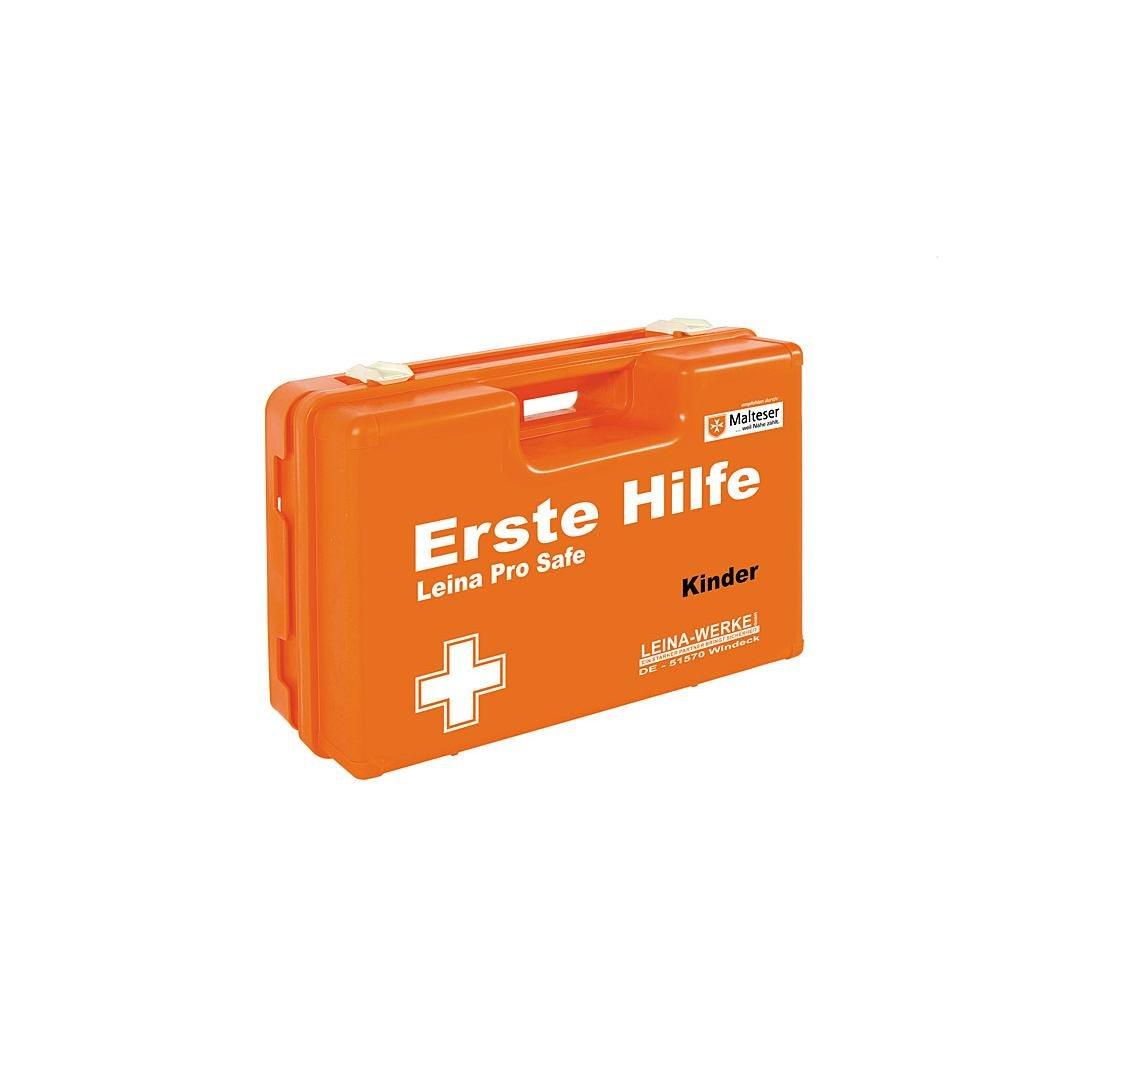 LEINA-WERKE Verbandkasten ProSafe blau Kinder 21102